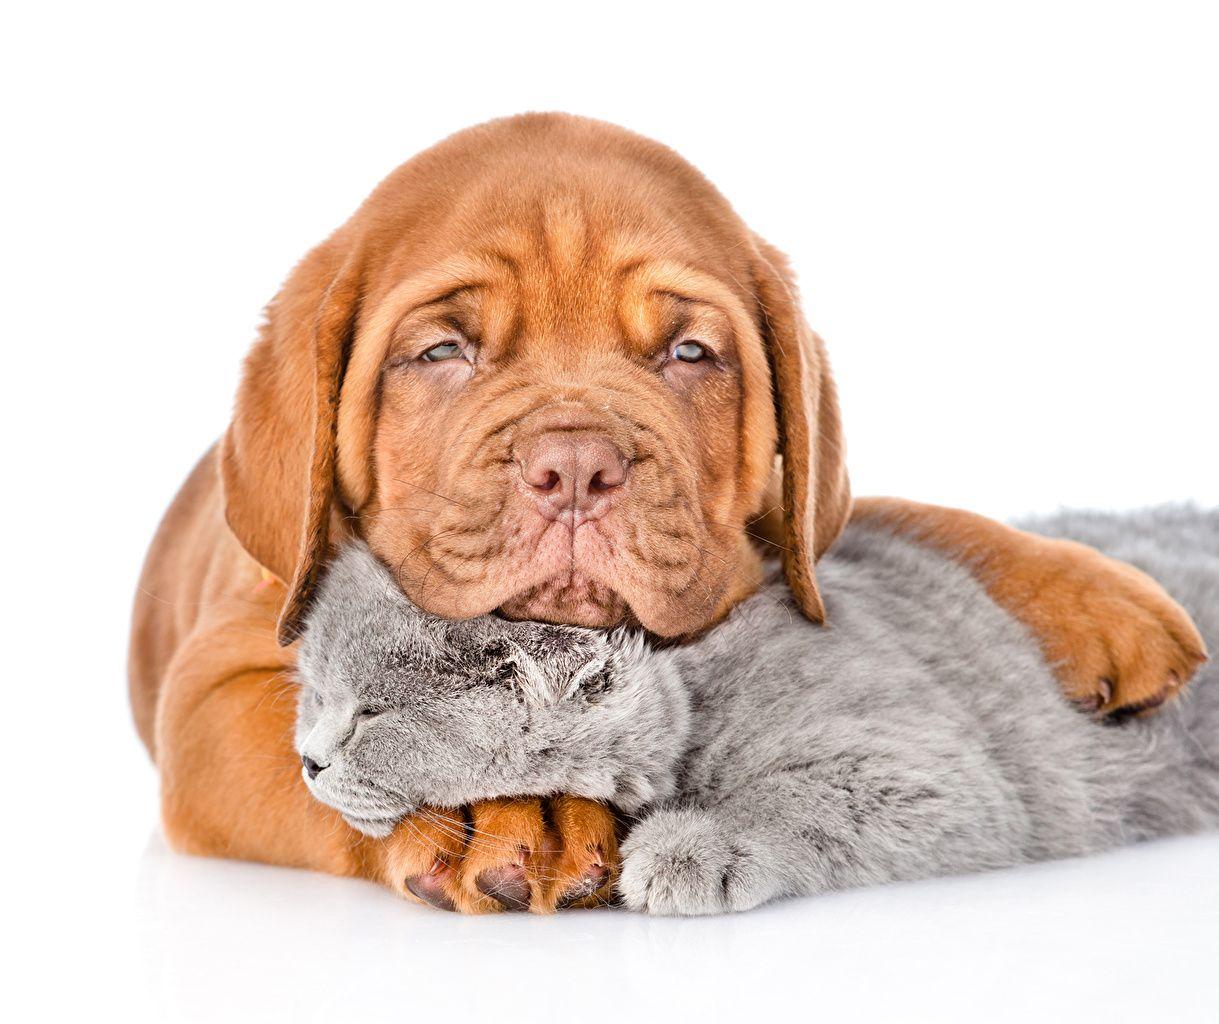 chien chat domestique chiot chatons dogue de bordeaux deux fond blanc 2 animaux mastiffs. Black Bedroom Furniture Sets. Home Design Ideas